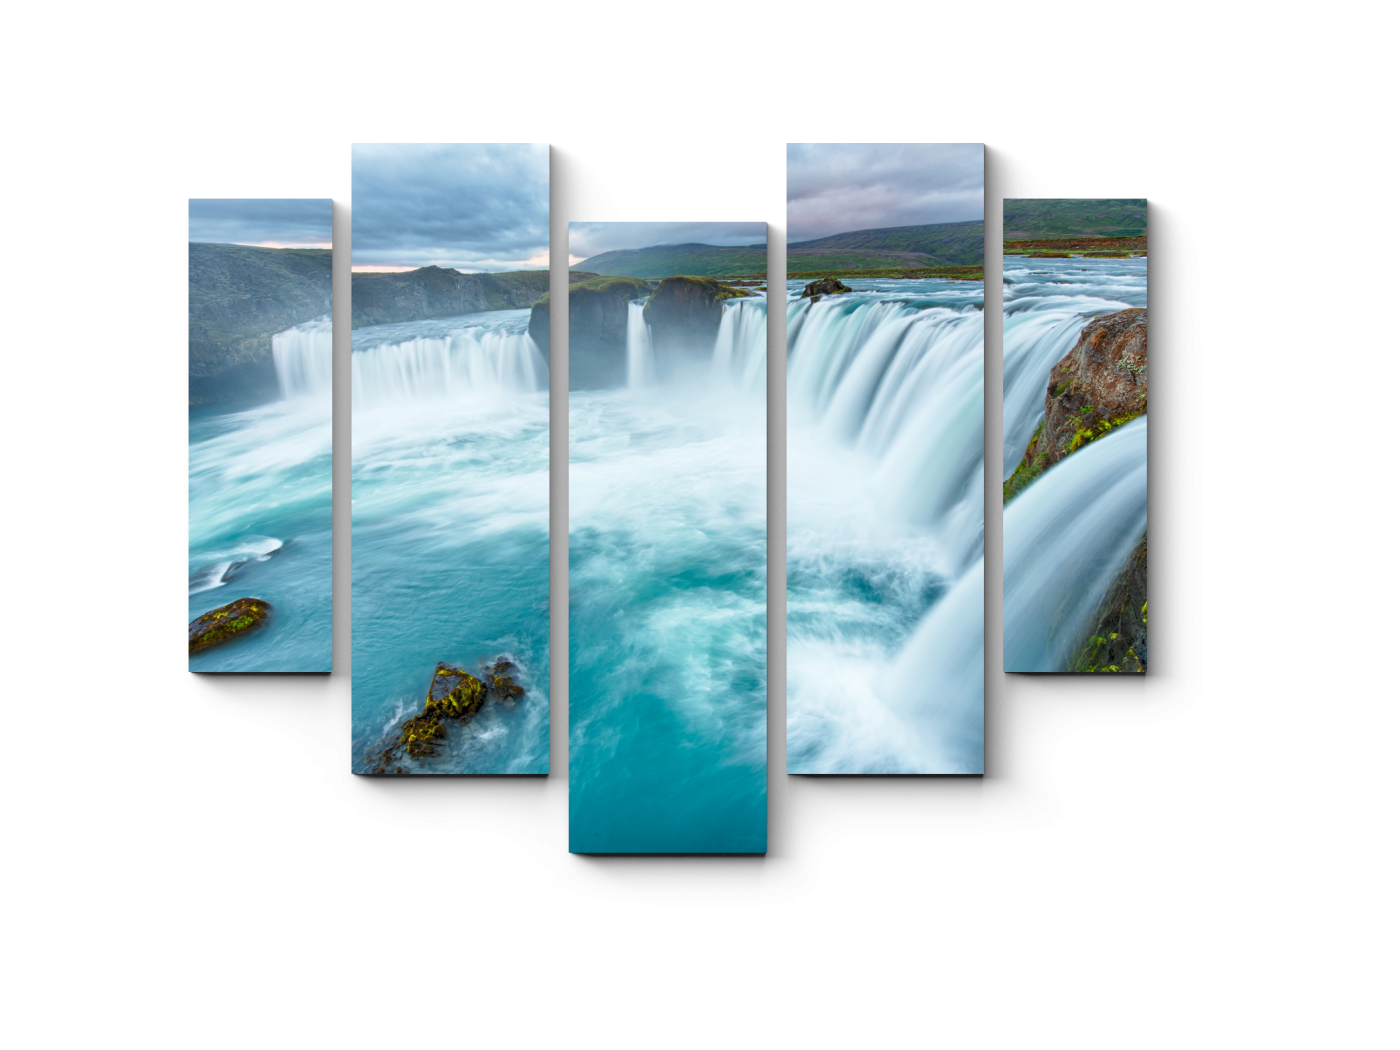 Модульная картина Водопад Богов - Годафосс (101x82) фото